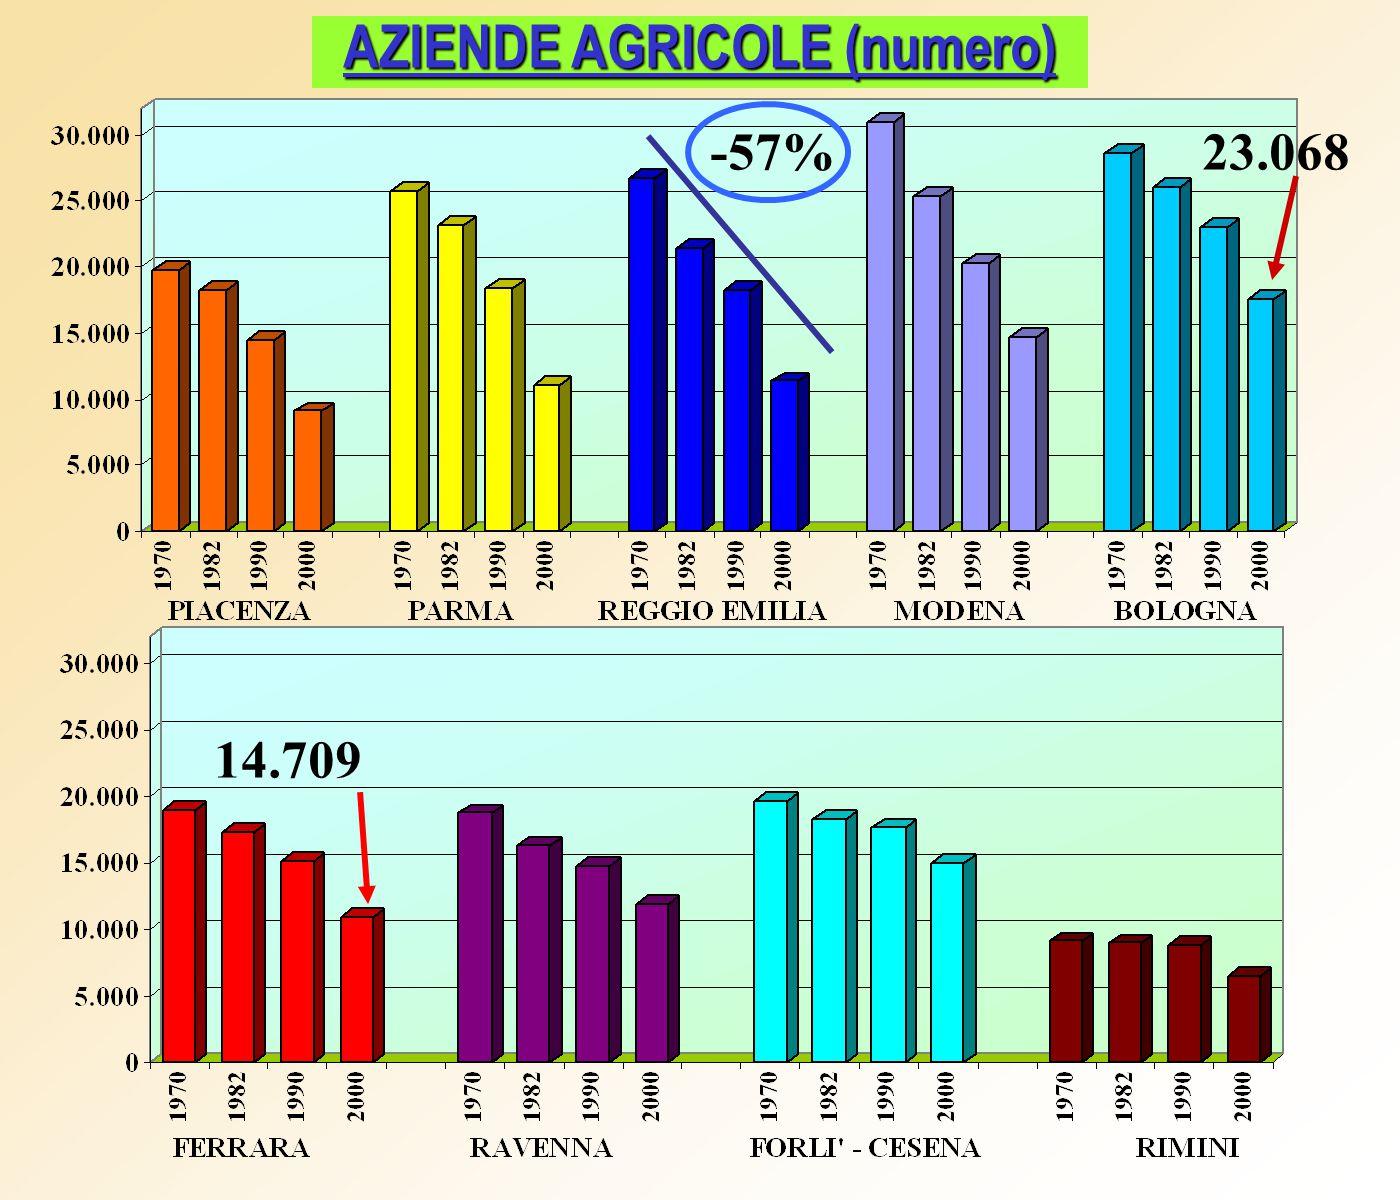 AZIENDE AGRICOLE (numero) 23.068 14.709 -57%